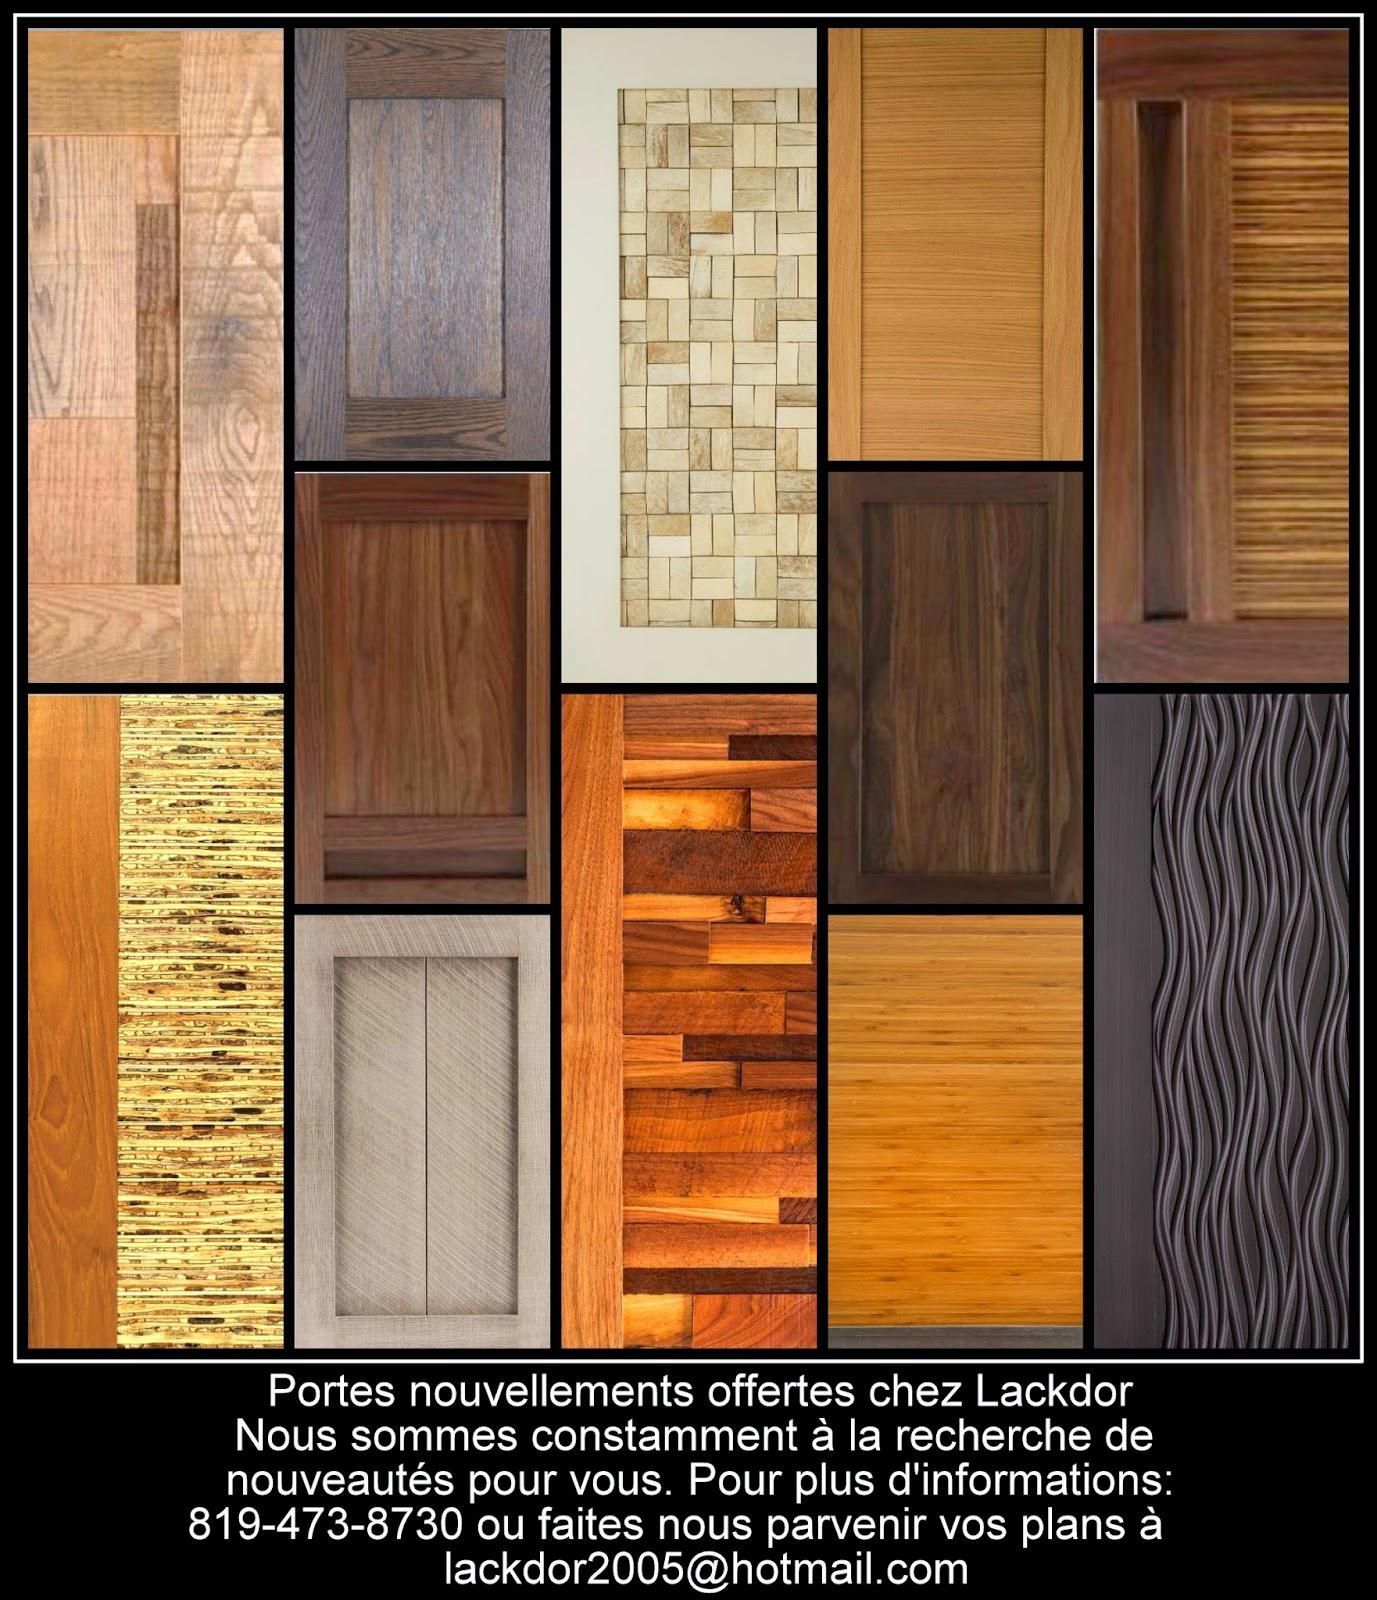 armoires de cuisine concept meubles lackdor drummondville. Black Bedroom Furniture Sets. Home Design Ideas